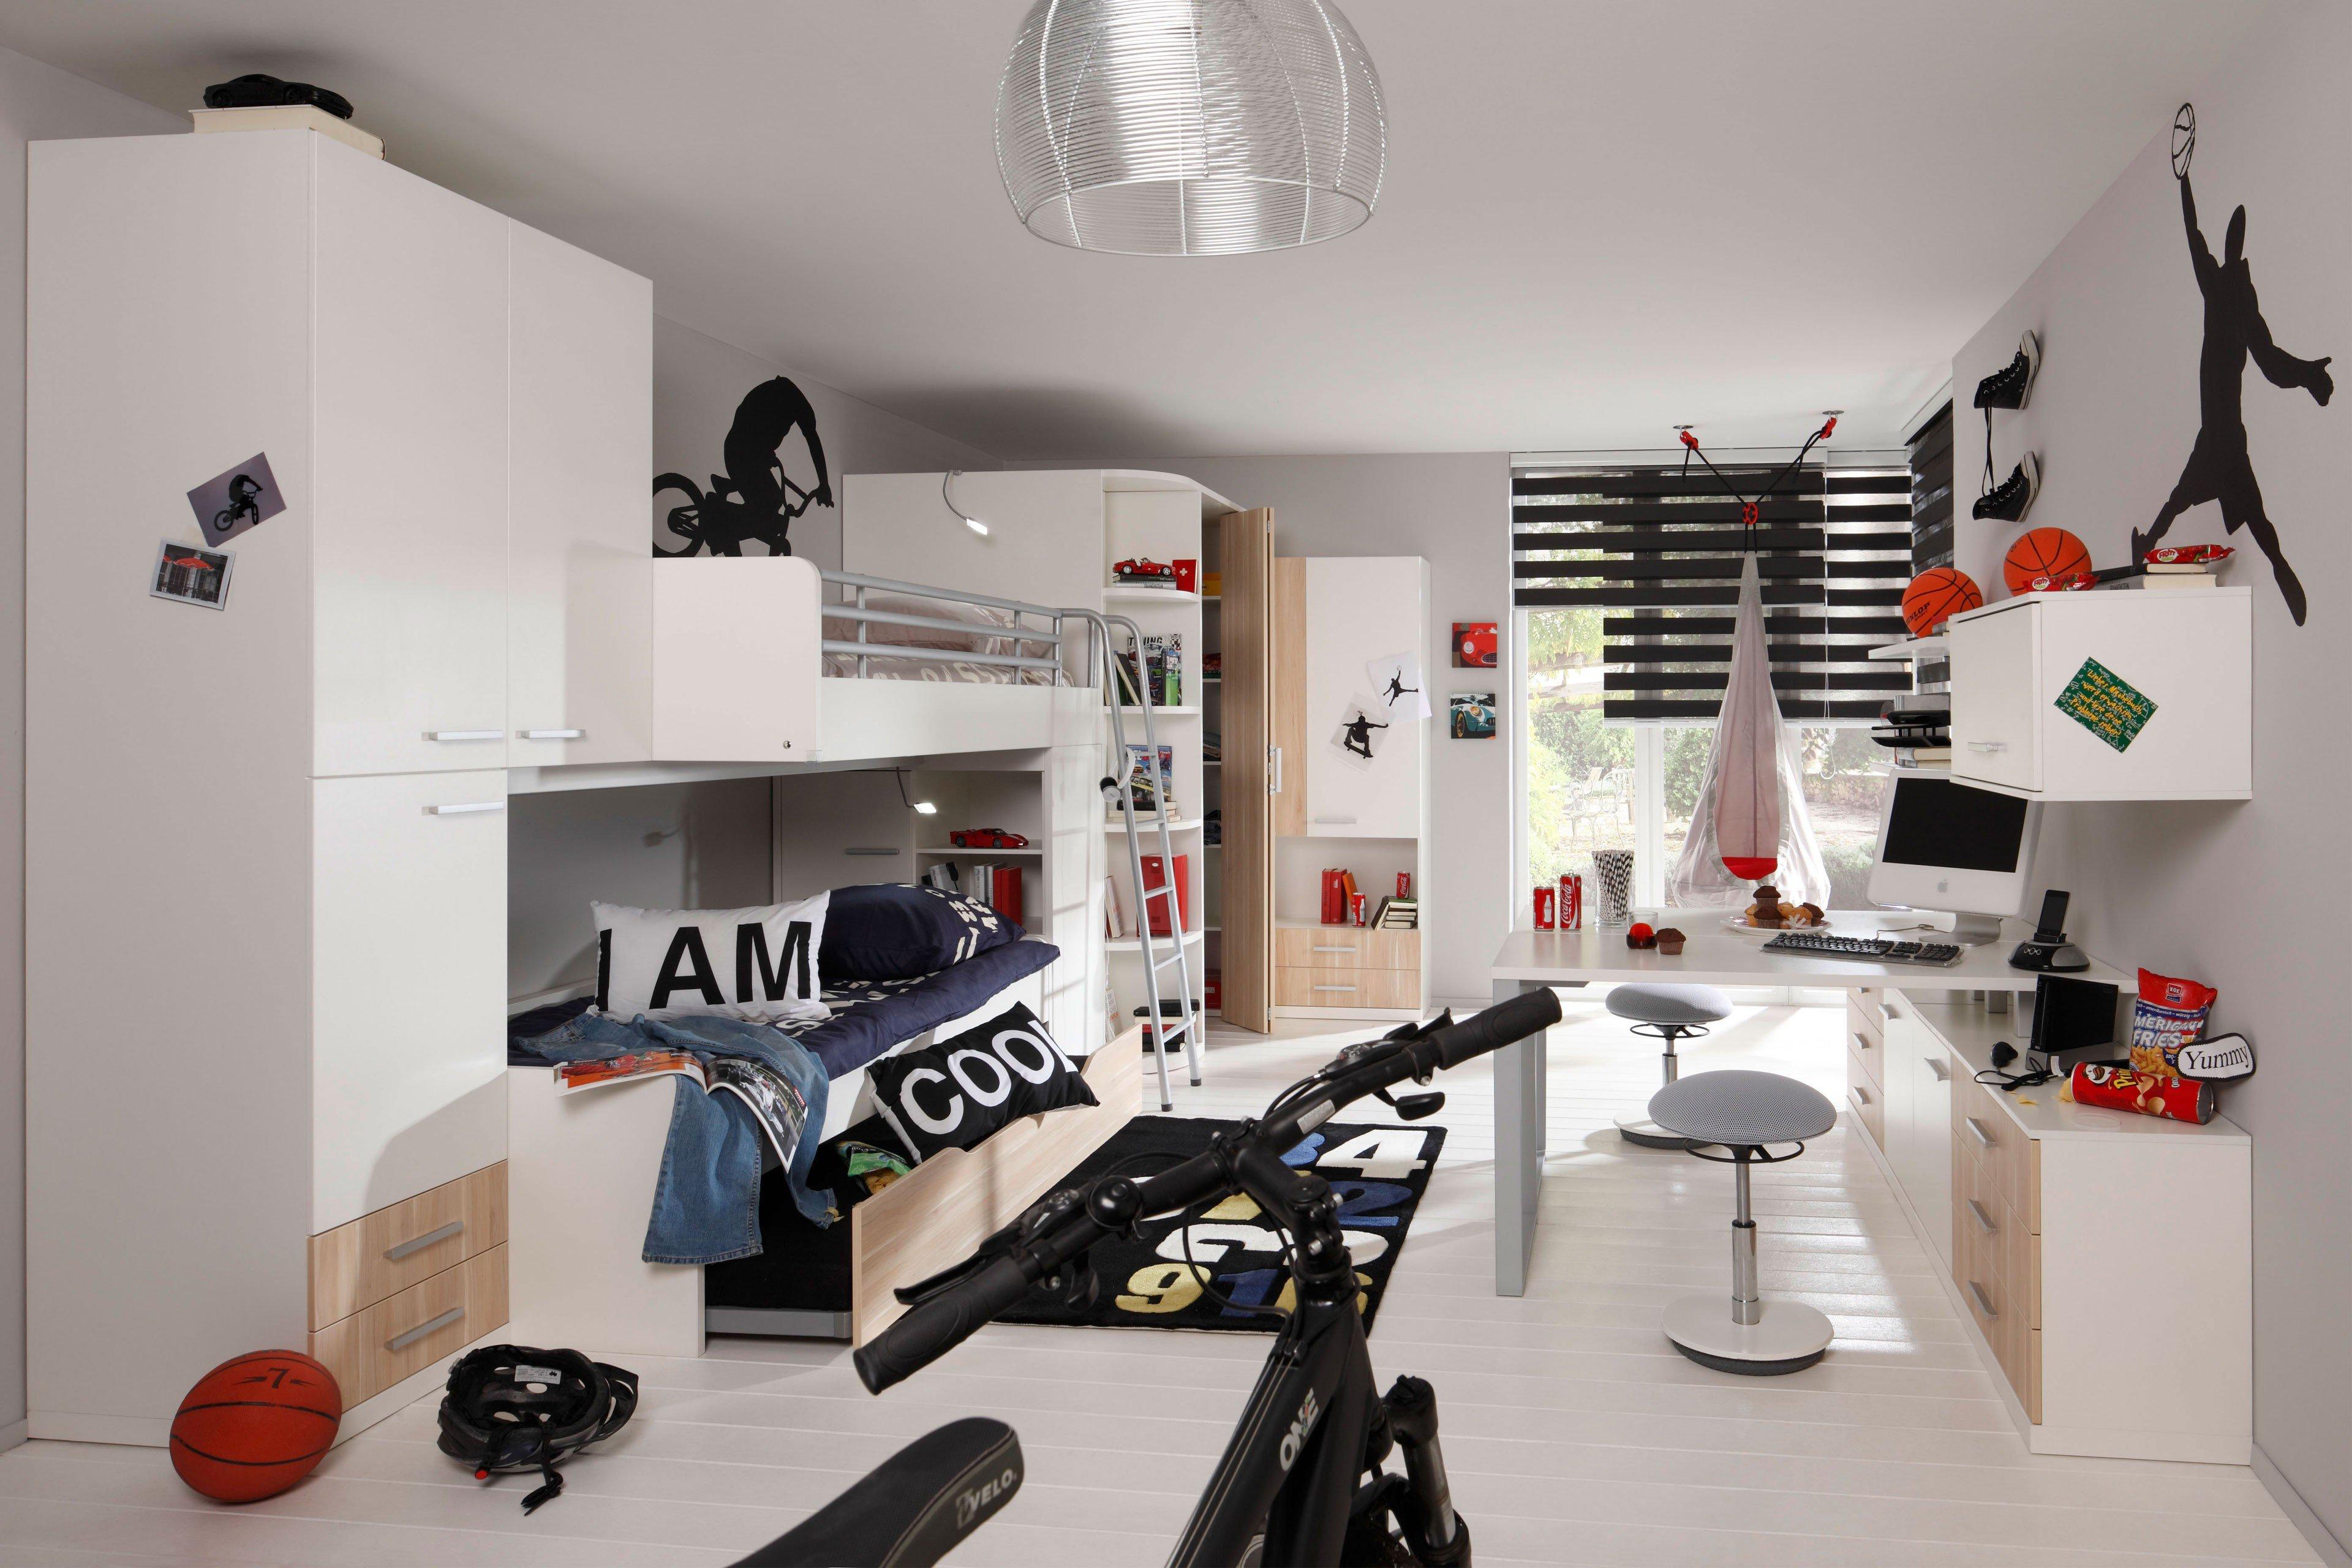 Jugendzimmer komplett mit begehbarem kleiderschrank  Prenneis Jugendzimmer | Möbel Letz - Ihr Online-Shop